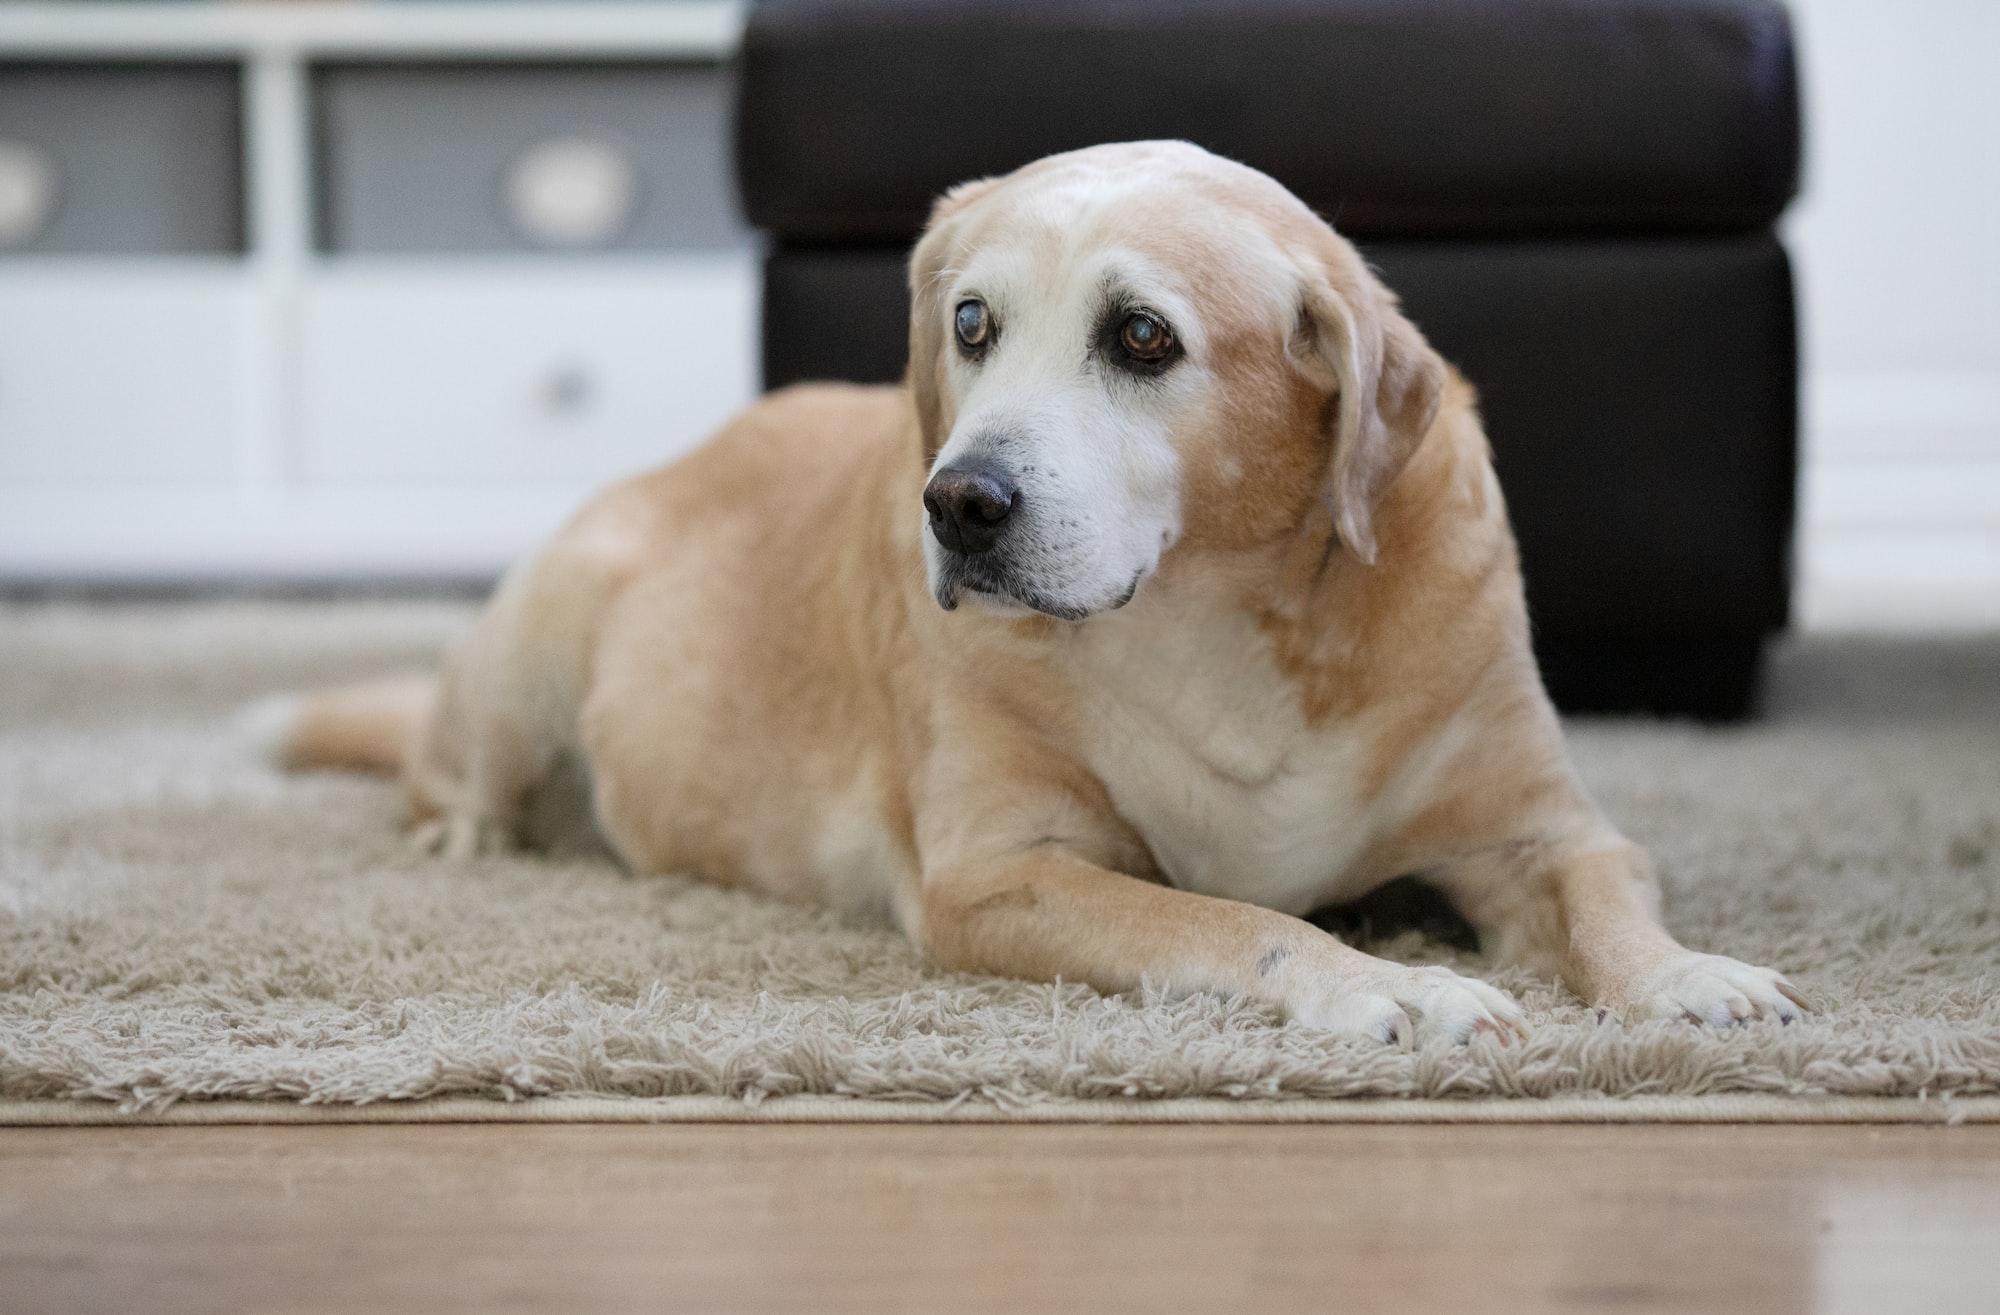 A senior labrador dog sitting in a brightly lit home